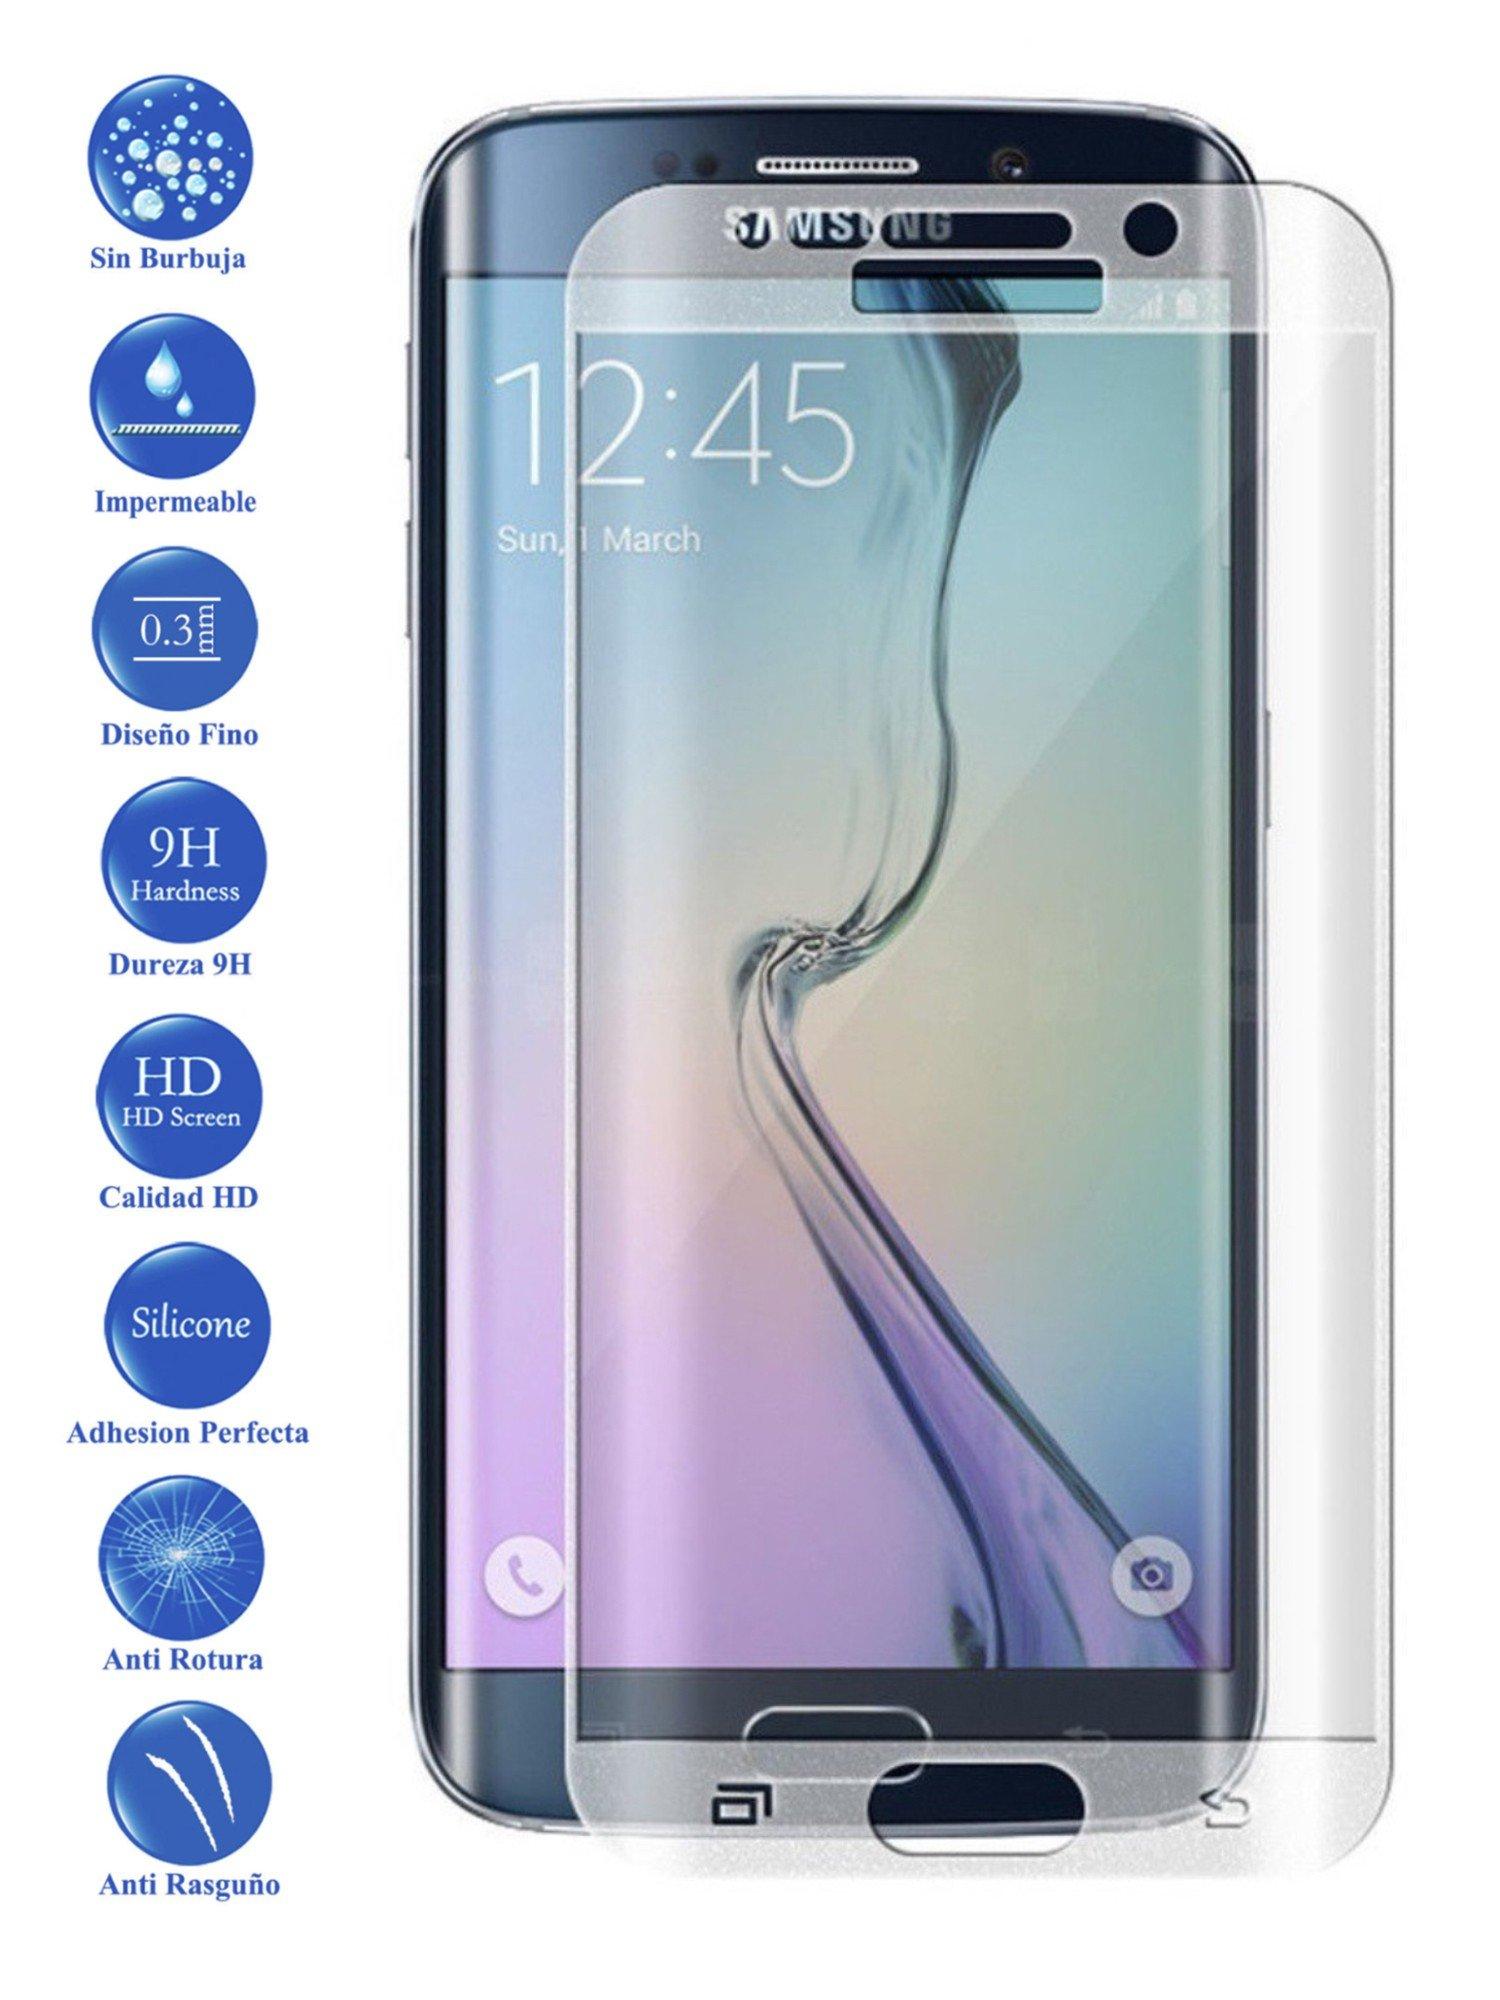 Todotumovil Protector de Pantalla Samsung Galaxy S7 Edge Color Transparente Completo 3D Cristal Templado Vidrio Curvo para movil: Amazon.es: Electrónica